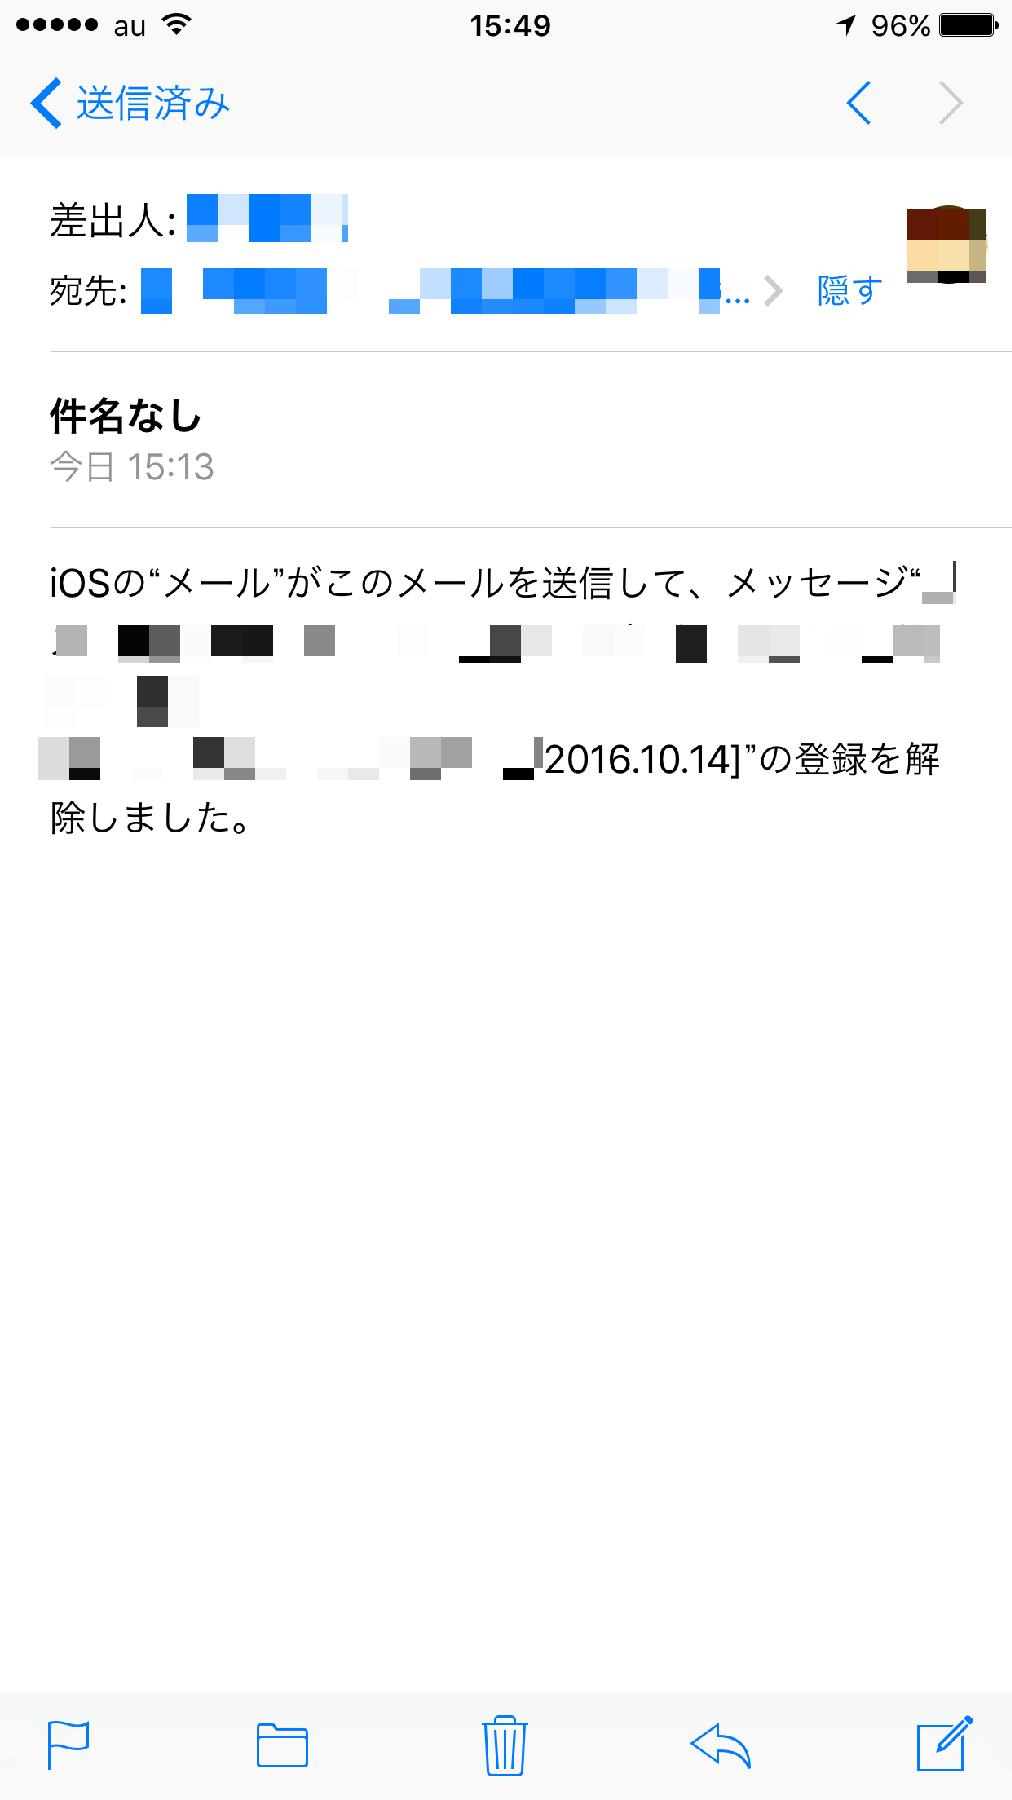 iPhoneのメールアプリの送信済みトレイ画面